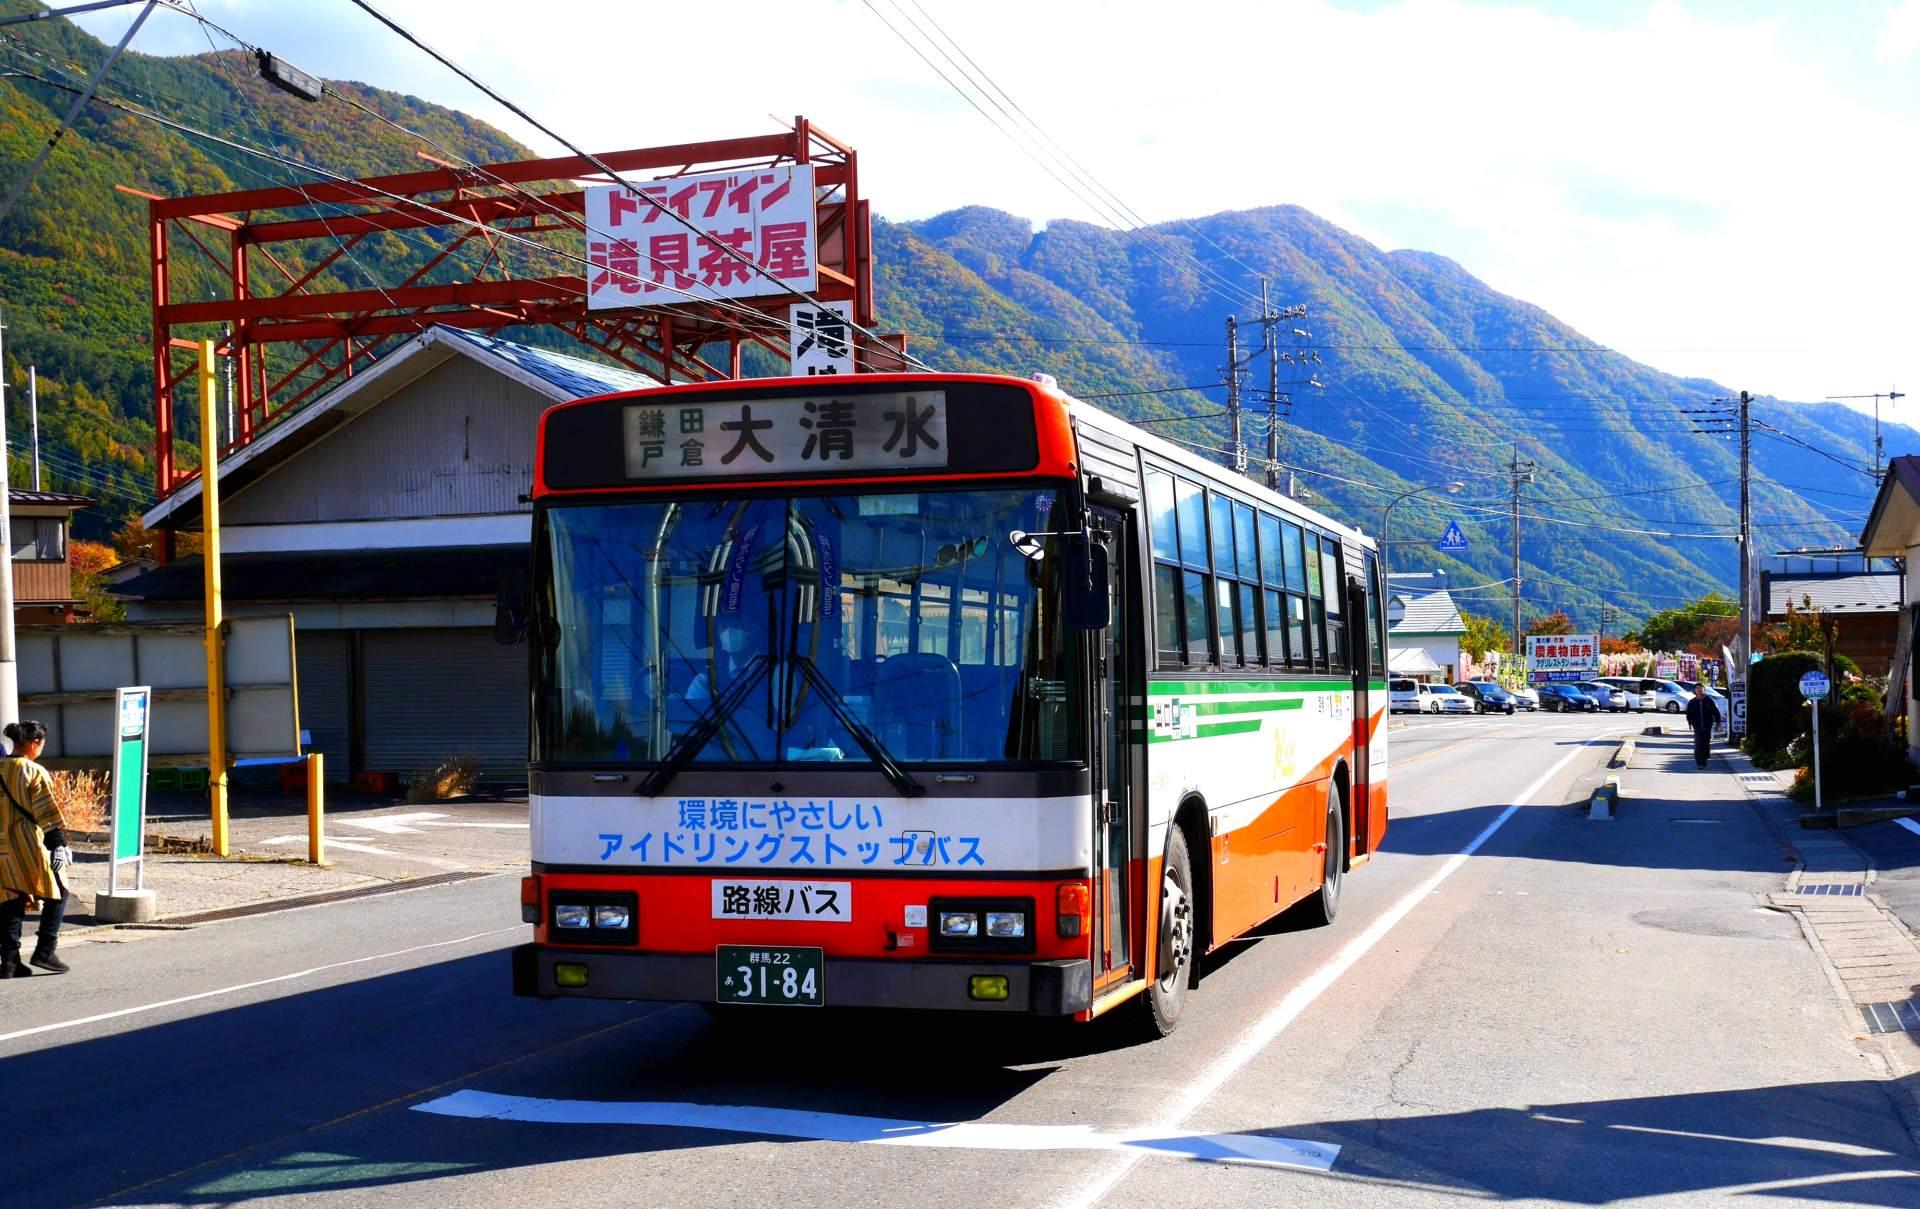 To get to Fukiware-no-Taki Falls